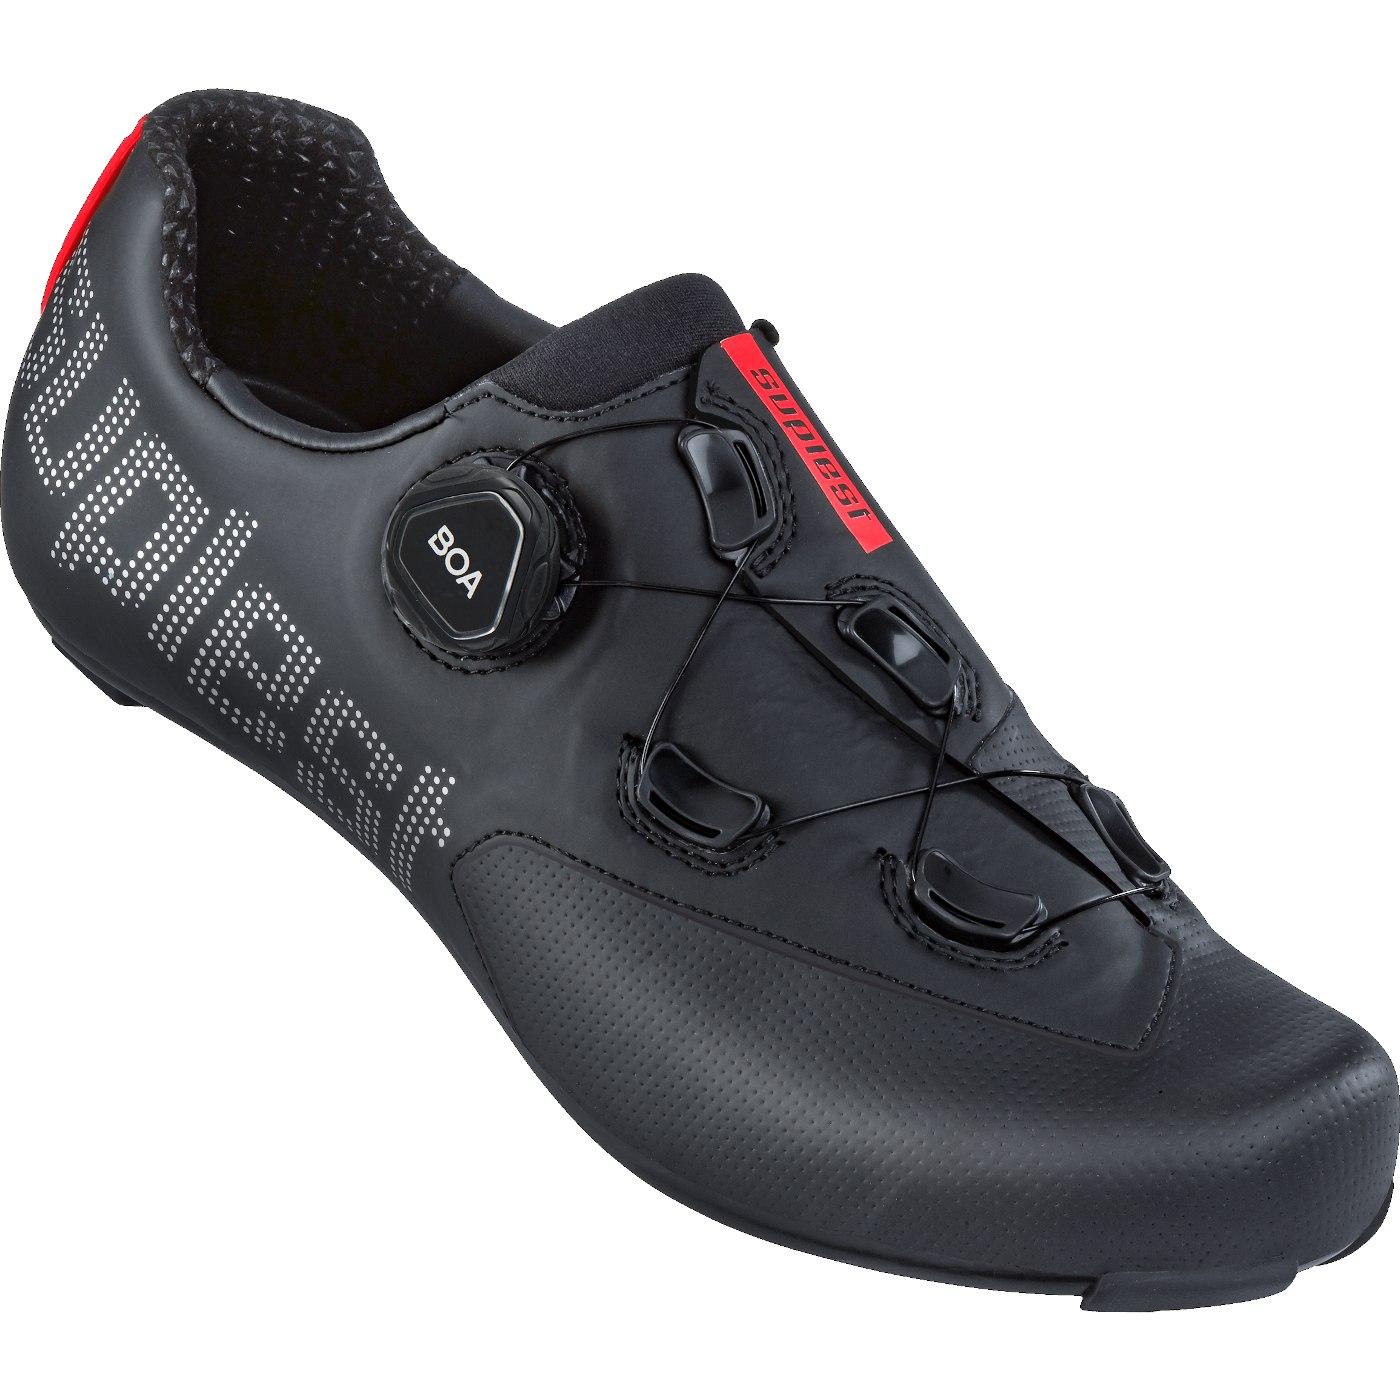 Suplest EDGE+ BOA L6 Road Sport Road Shoe - Black / Silver 01.067.